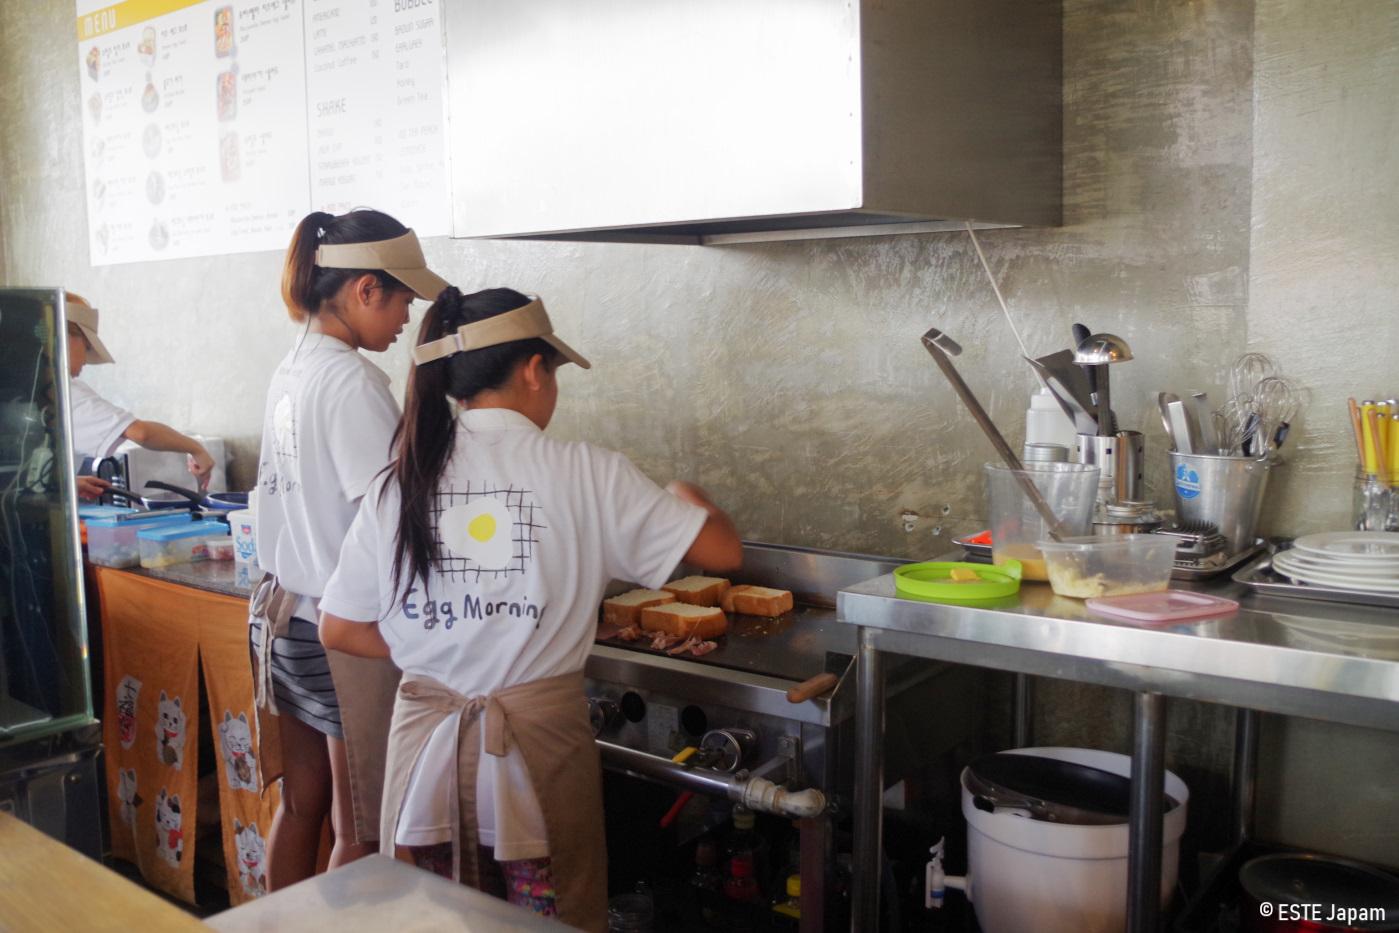 エッグモーニングの女性スタッフ2人が調理している様子